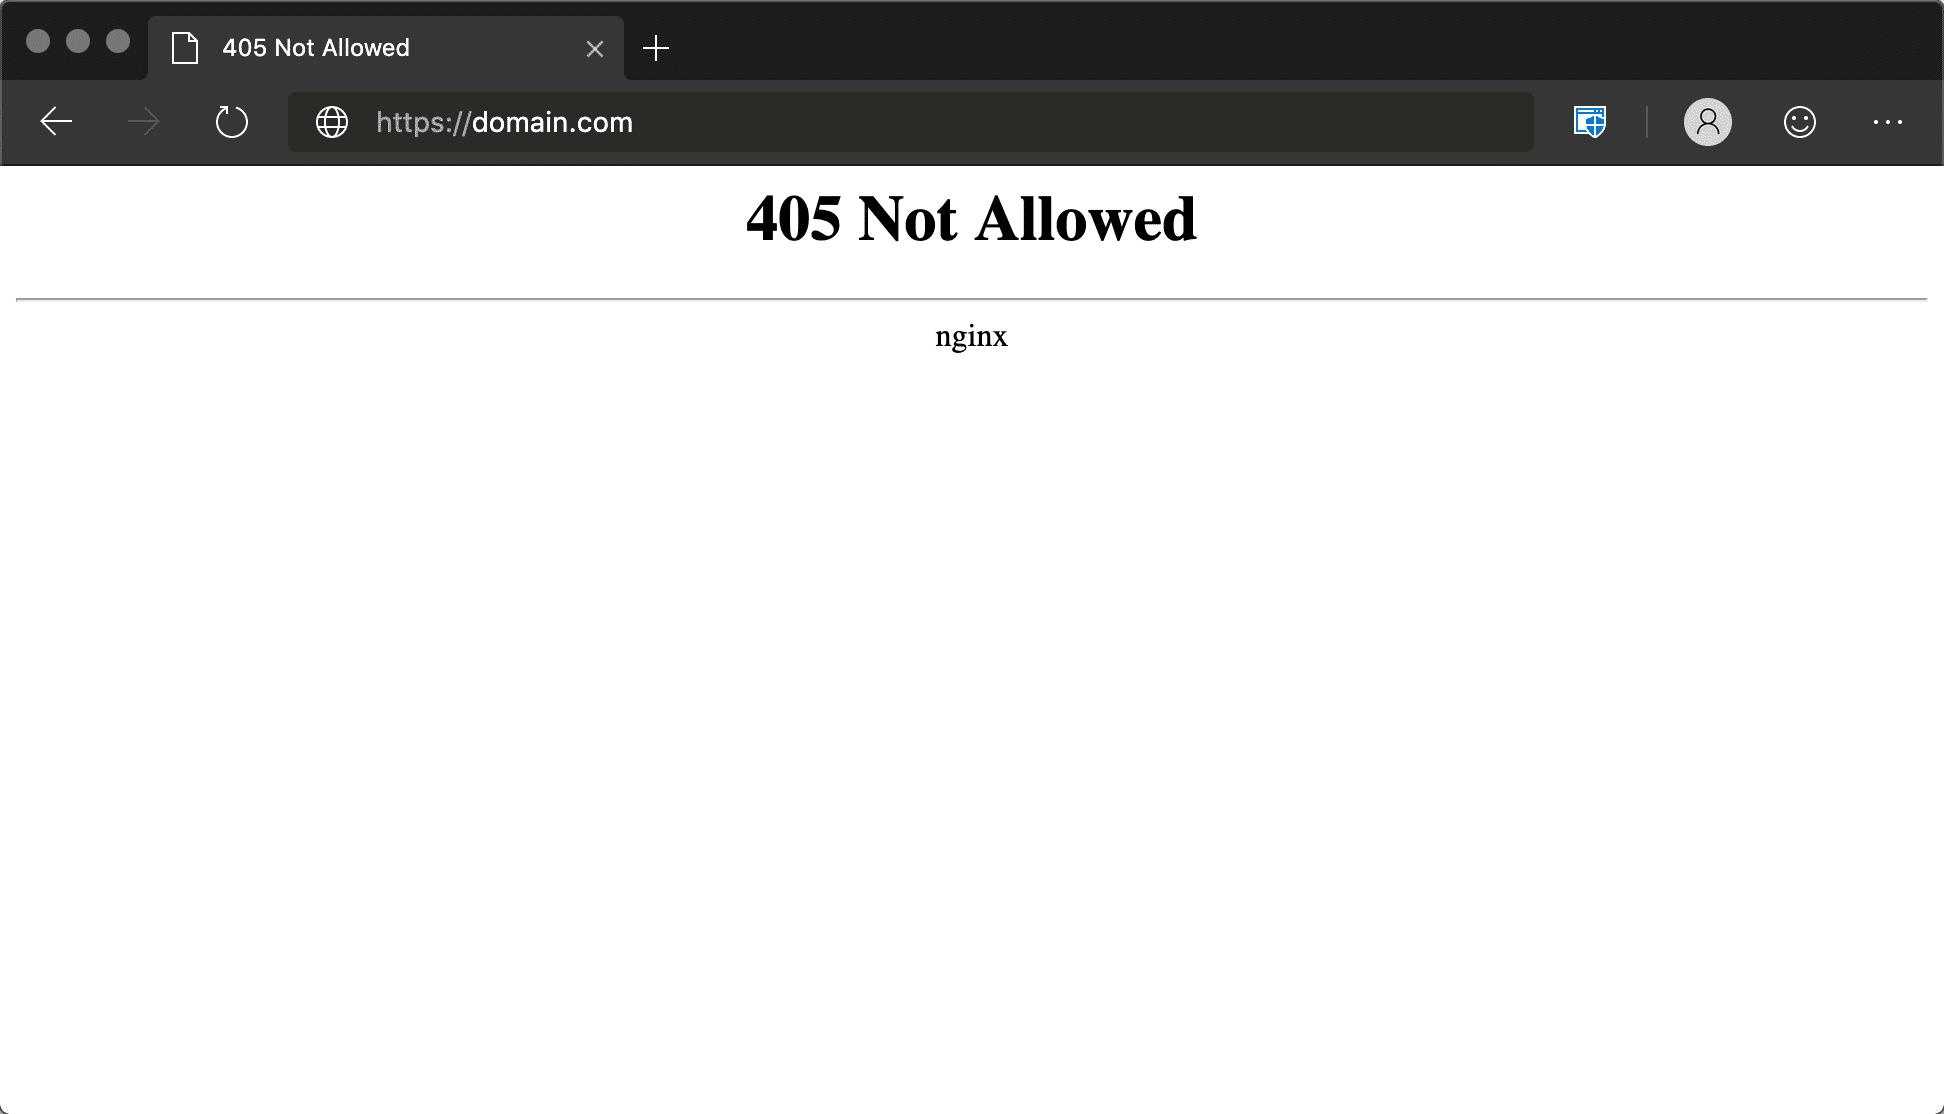 405 Inte Tillåten-fel Nginx i Microsoft Edge